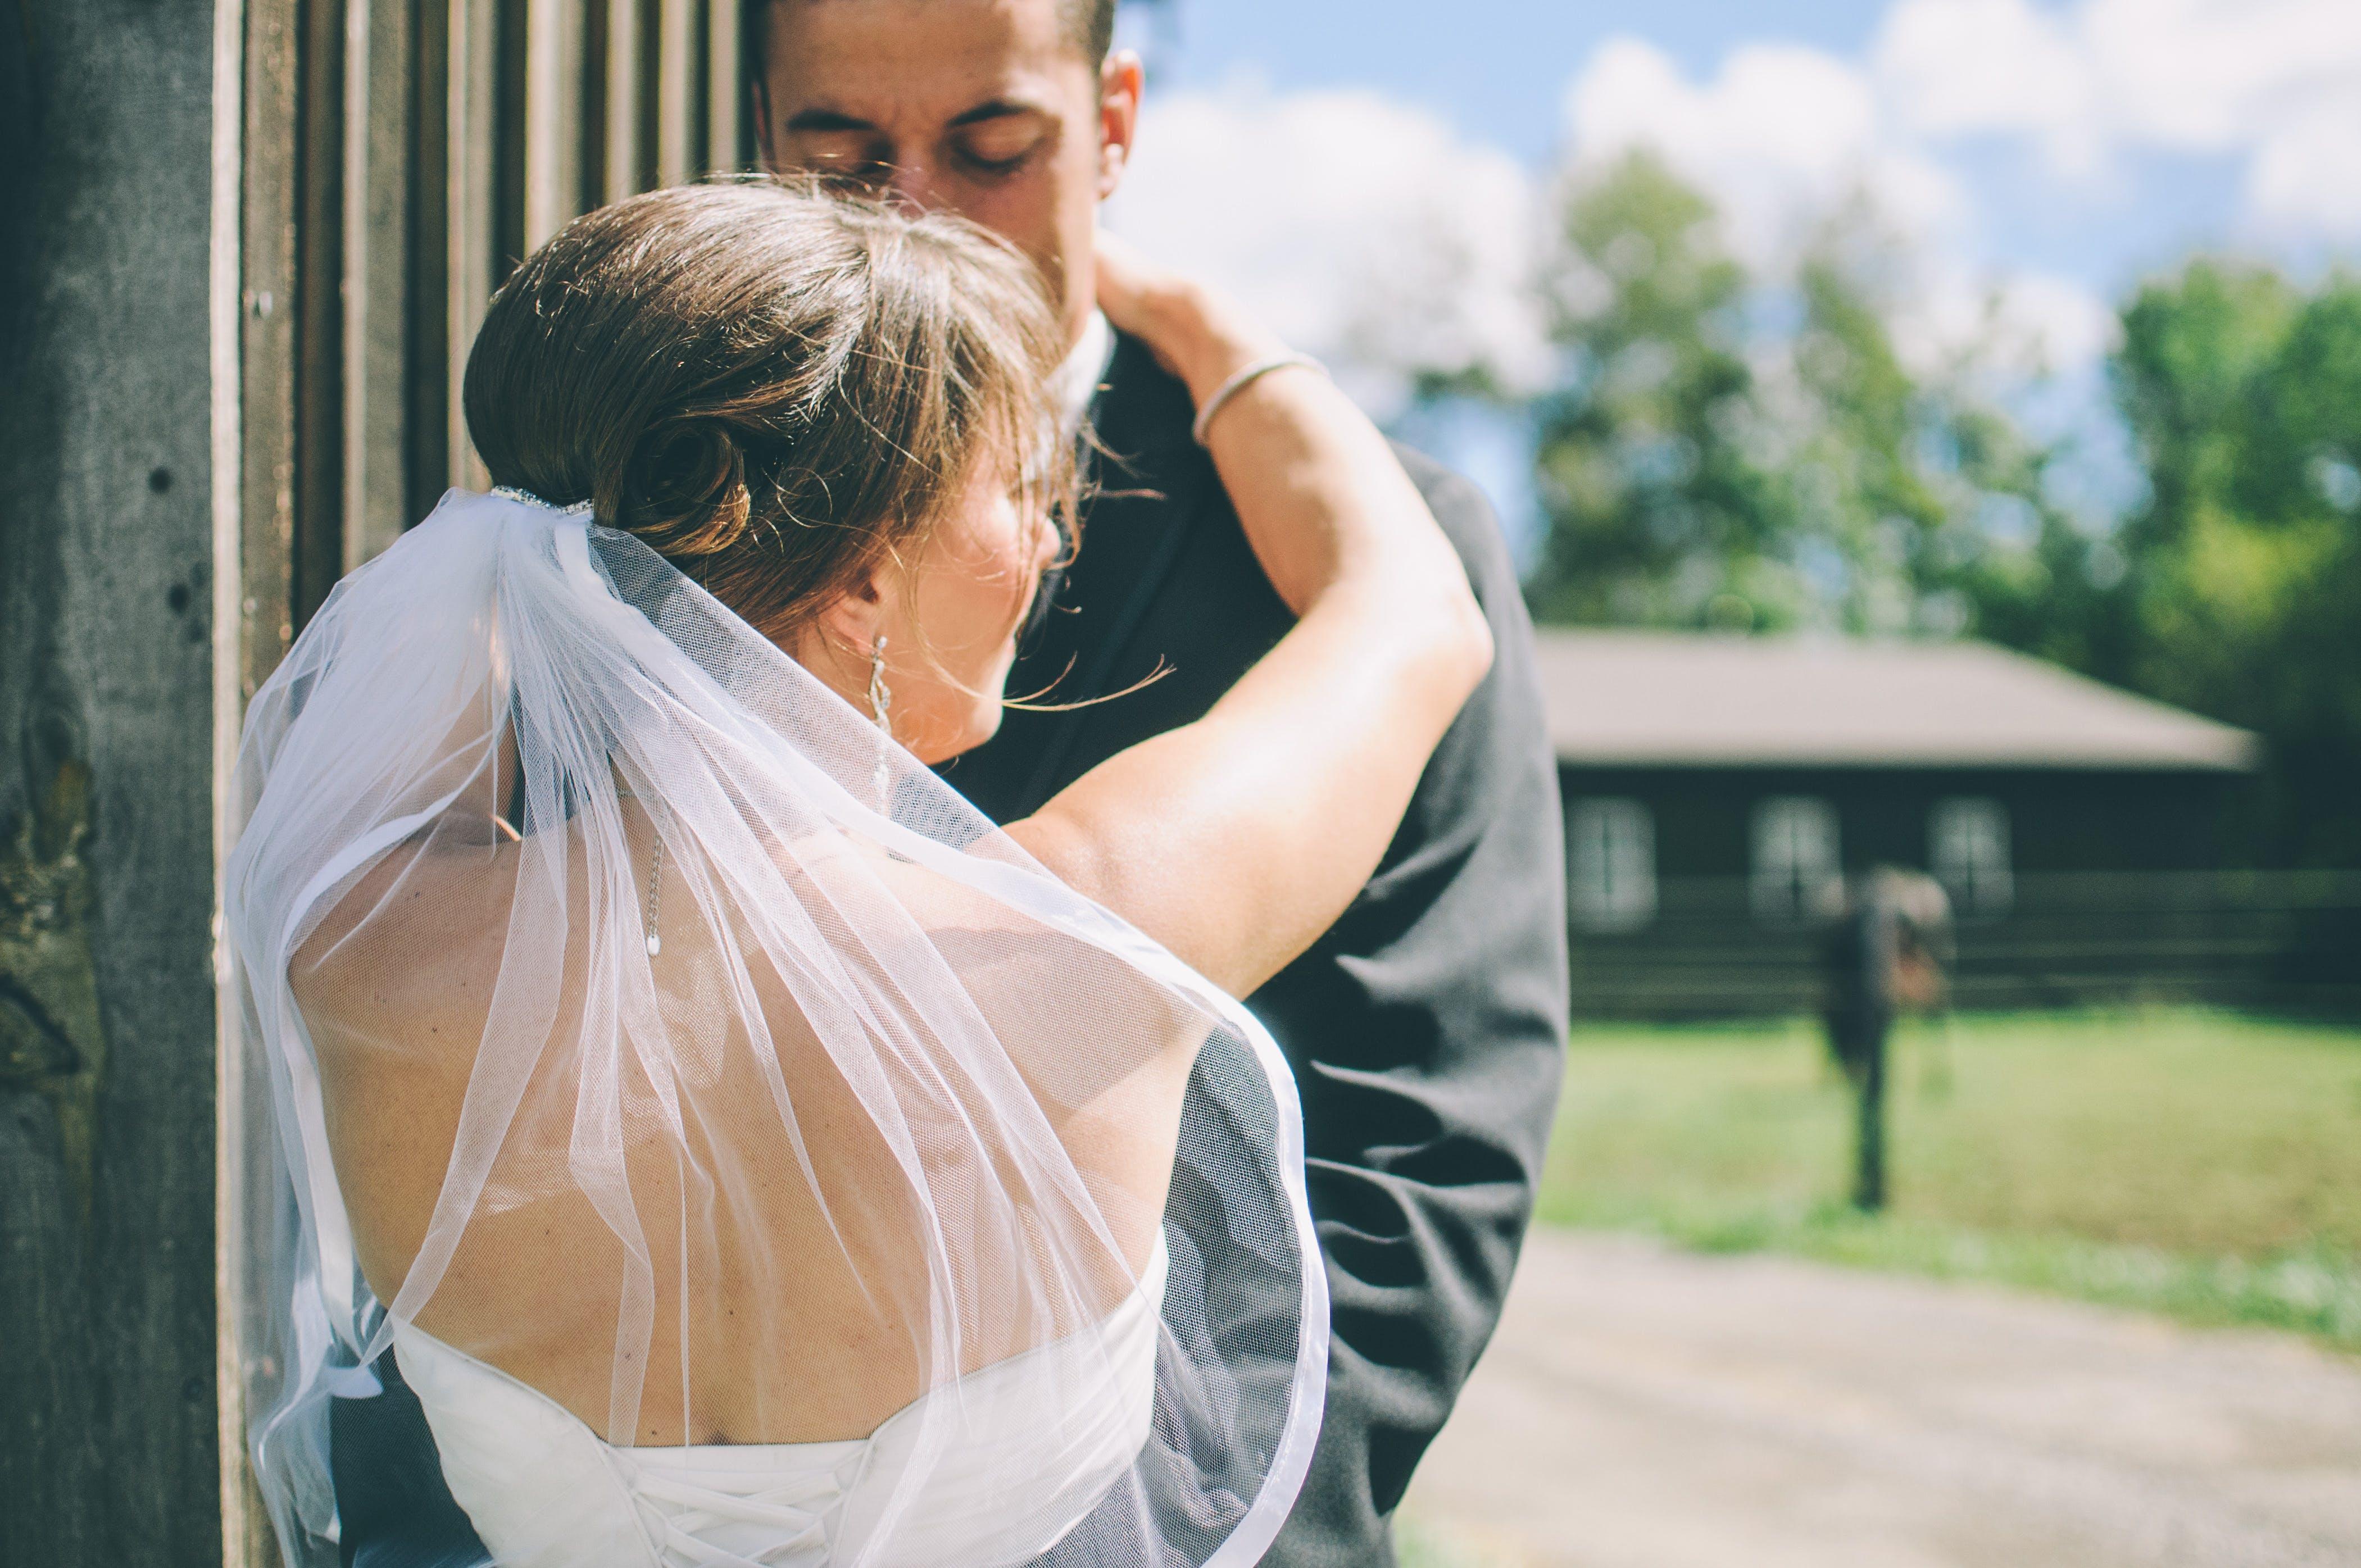 結婚に向いてる男性の特徴とは?彼が結婚相手に相応しいか診断チェックしてみよう